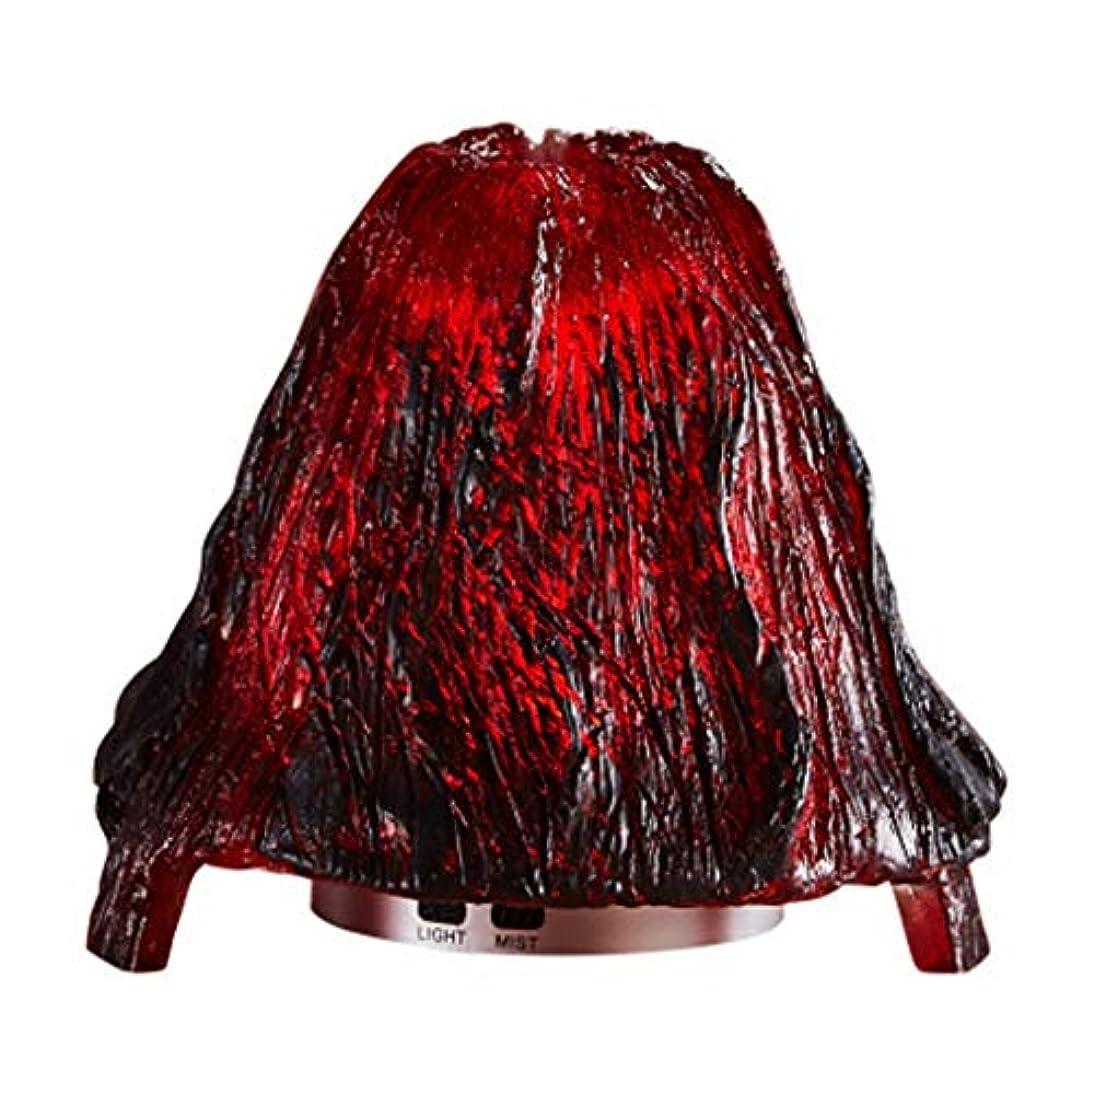 ストレッチ踊り子アラームクールミスト加湿器ミスト100mlディフューザーディフューザー7色LEDライト/ウォーターレス自動シャットダウン(火山) (Color : Red)